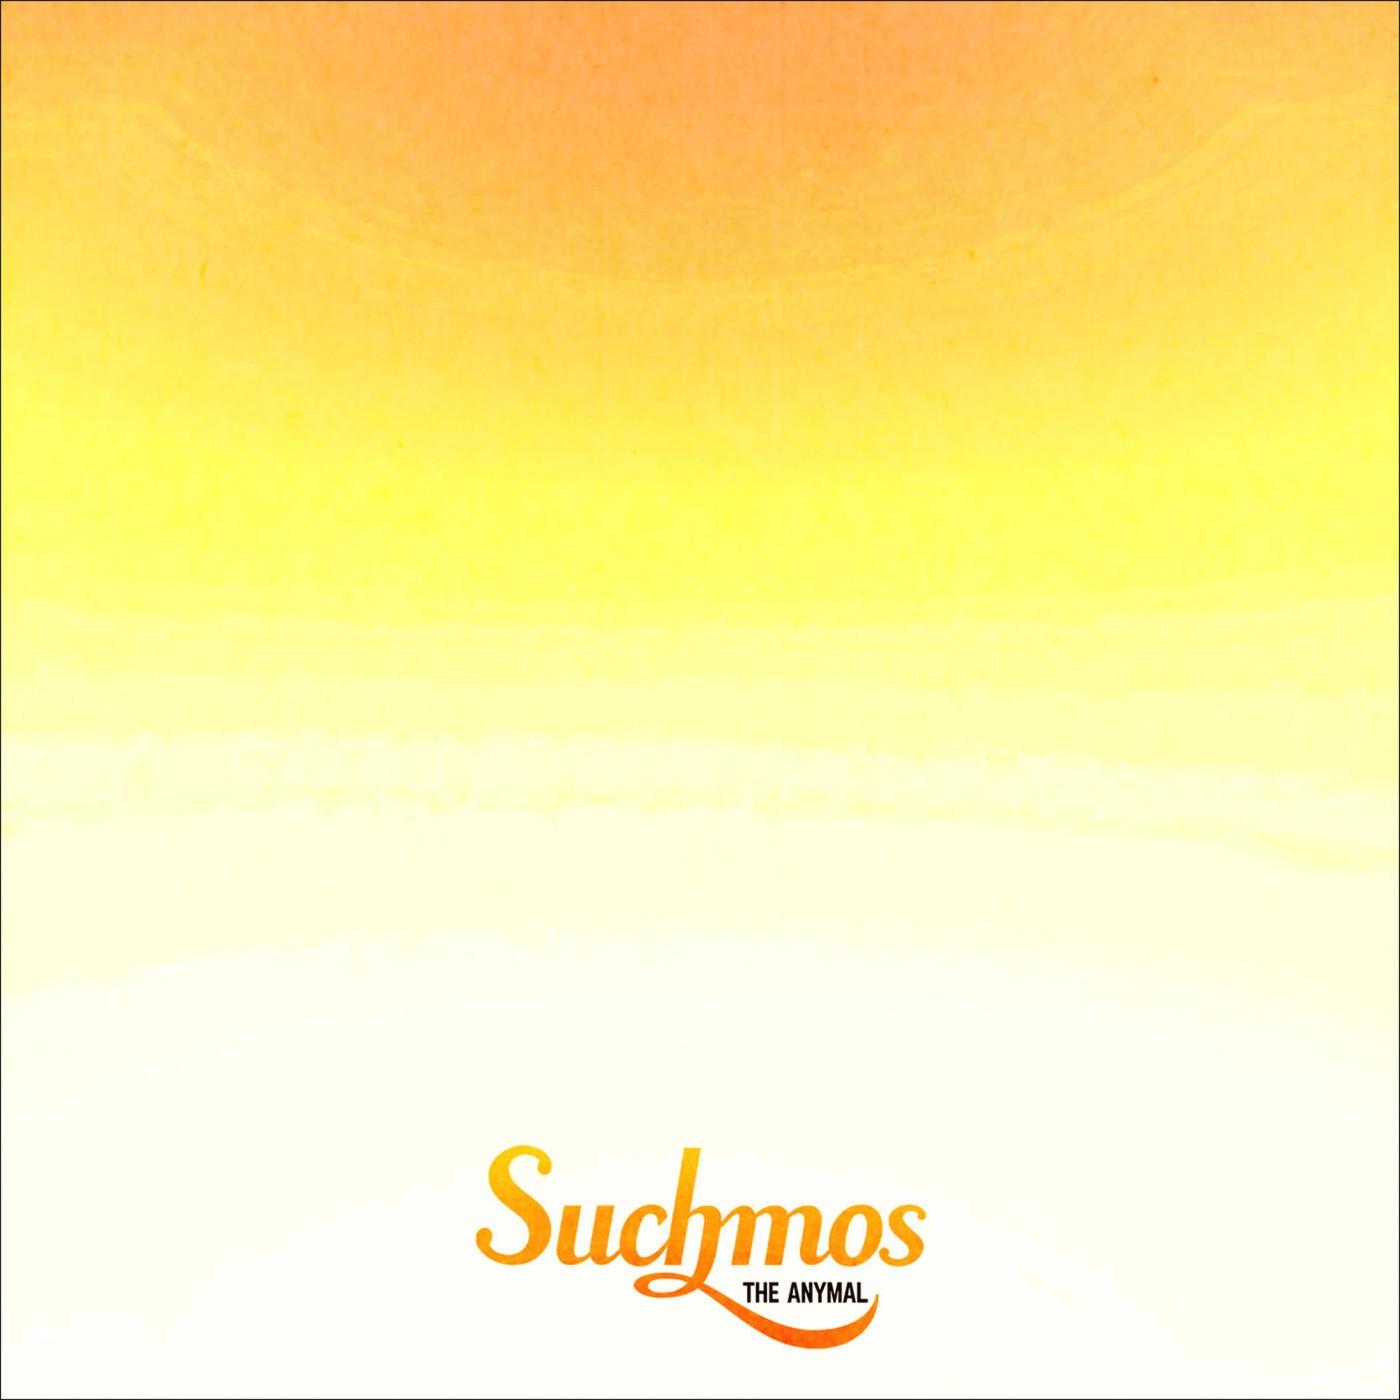 Suchmos – THE ANYMAL [FLAC 24bit/48kHz]